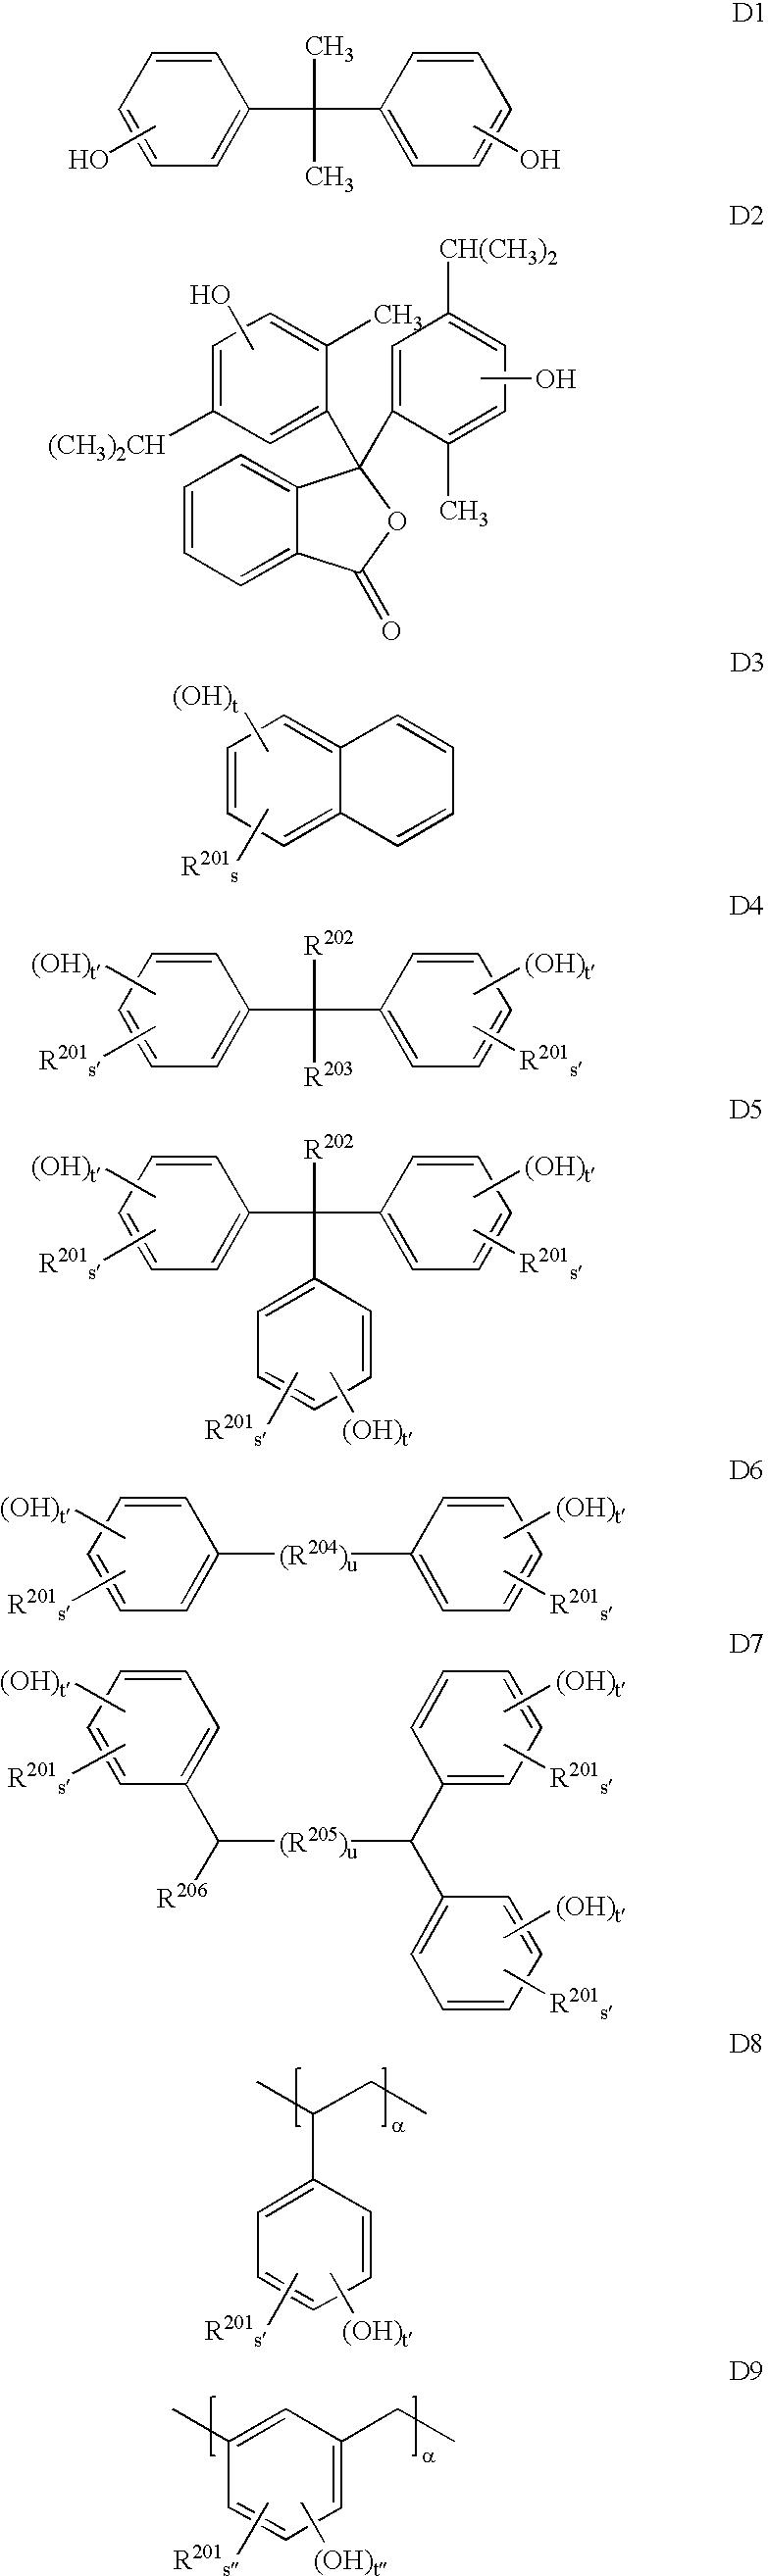 Figure US06531627-20030311-C00031